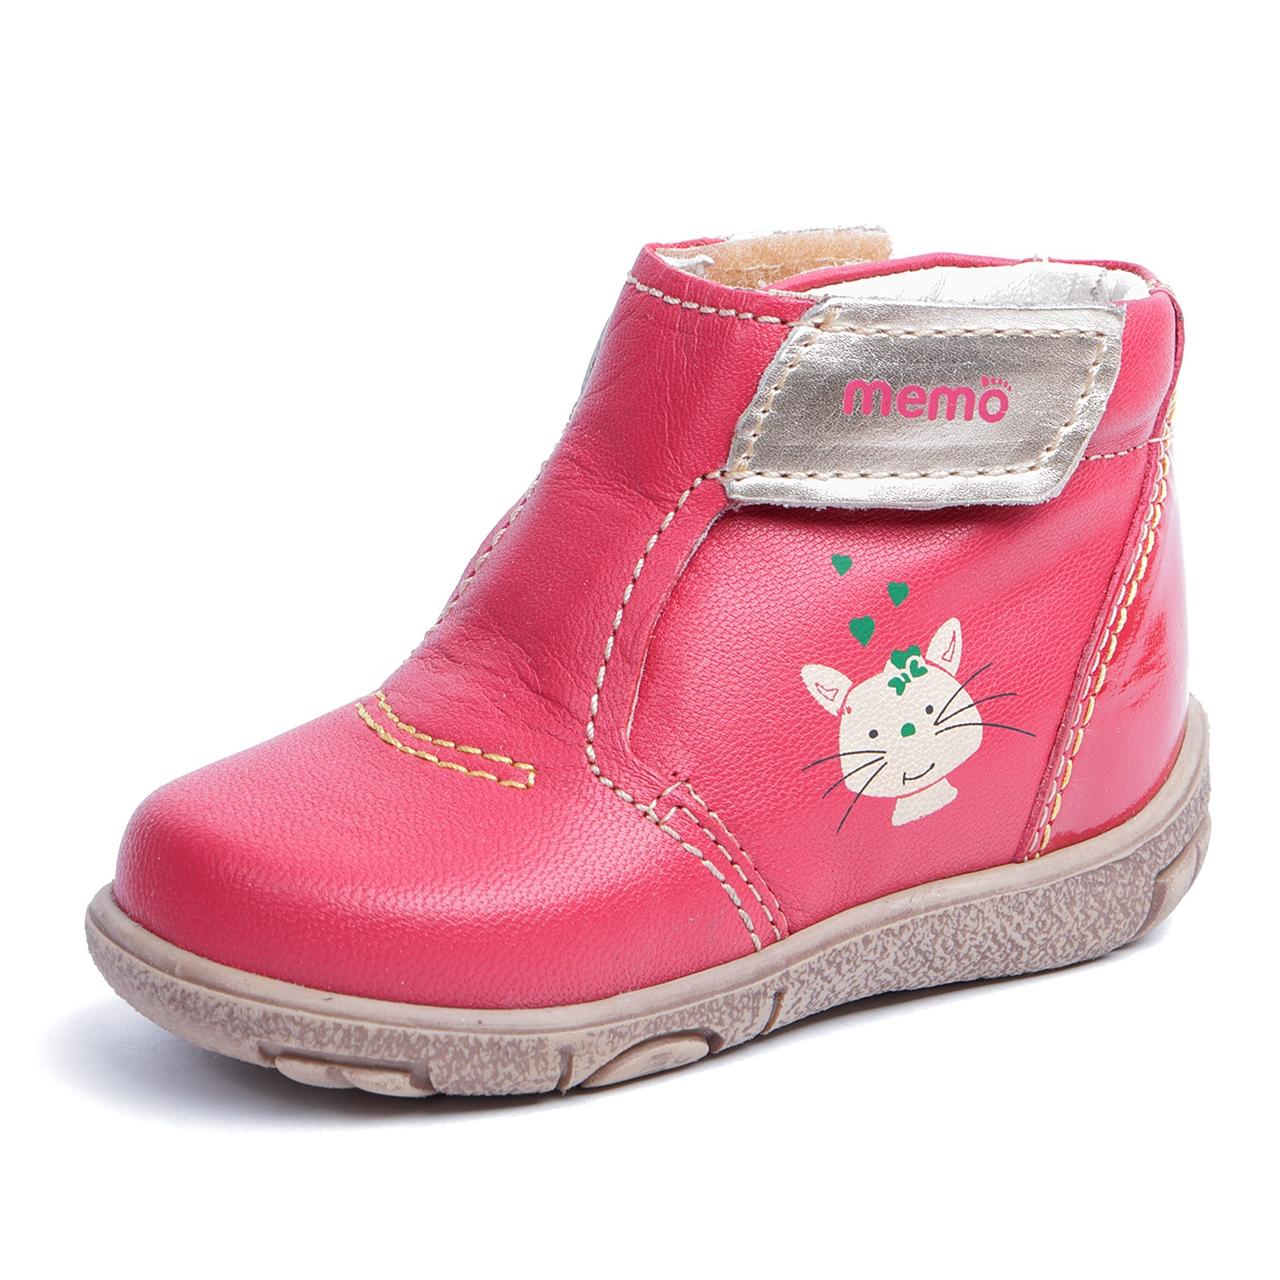 Memo Shoes Memo Franklin 3HA Red Infant & Toddler Boy